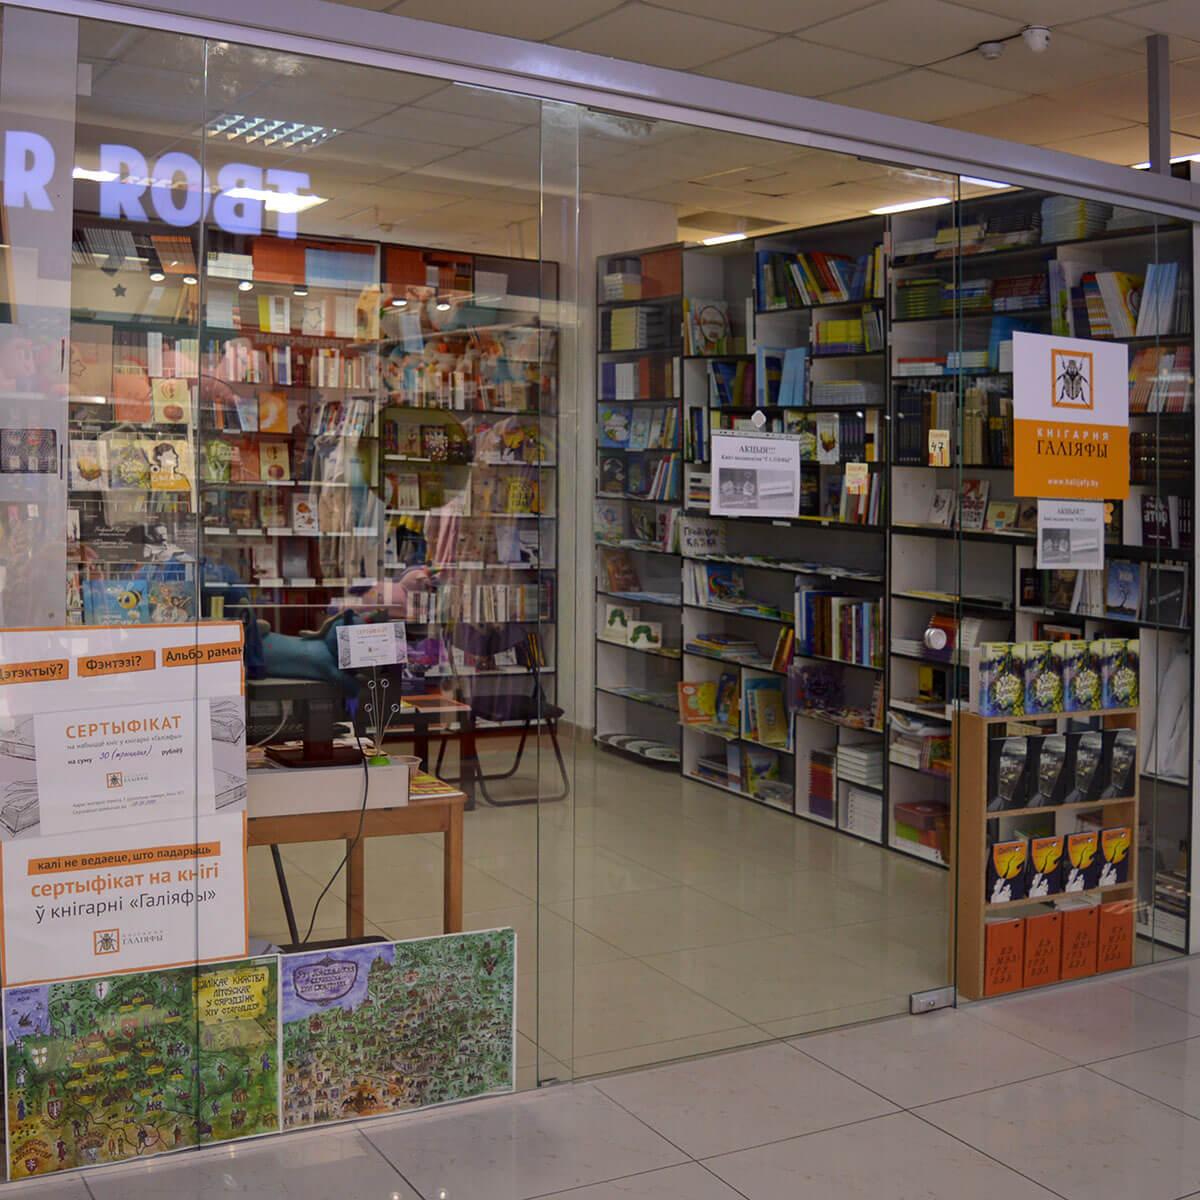 «Галіяфы»  (Голиафы) - книжный магазин на 0-м (цокольном) этаже в павильон №47 в Торговом Центре Немига 3, г Минск